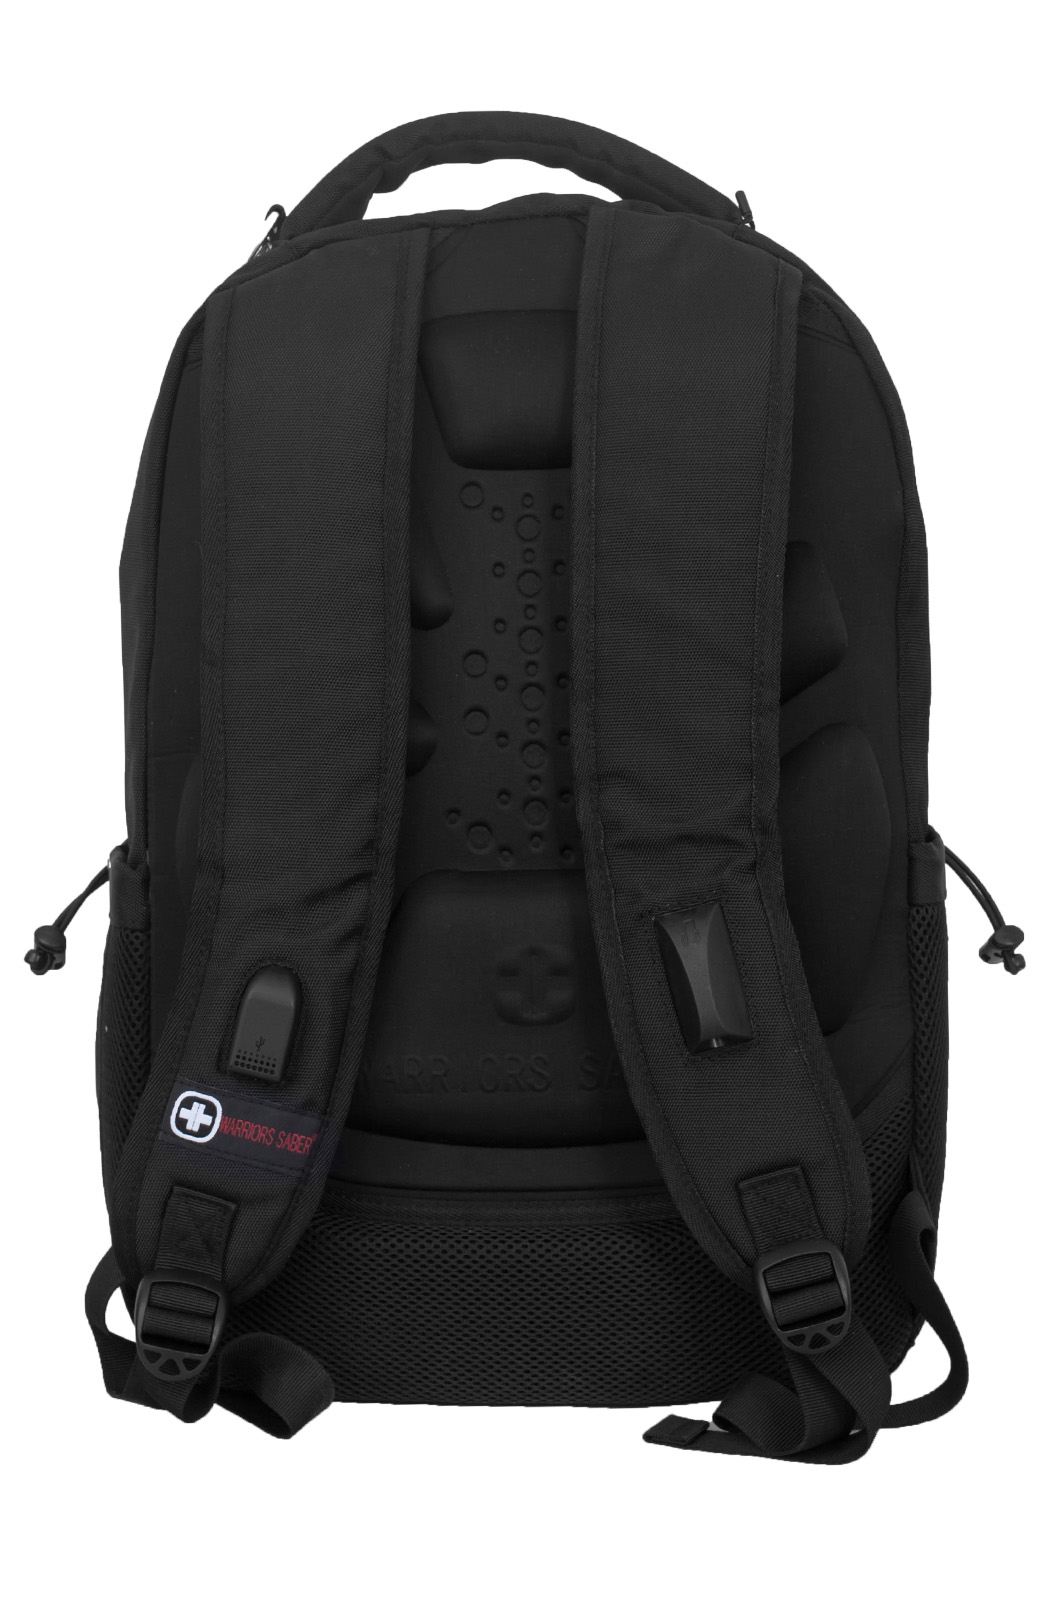 Практичный черный ранец-рюкзак ФСО - заказать в подарок